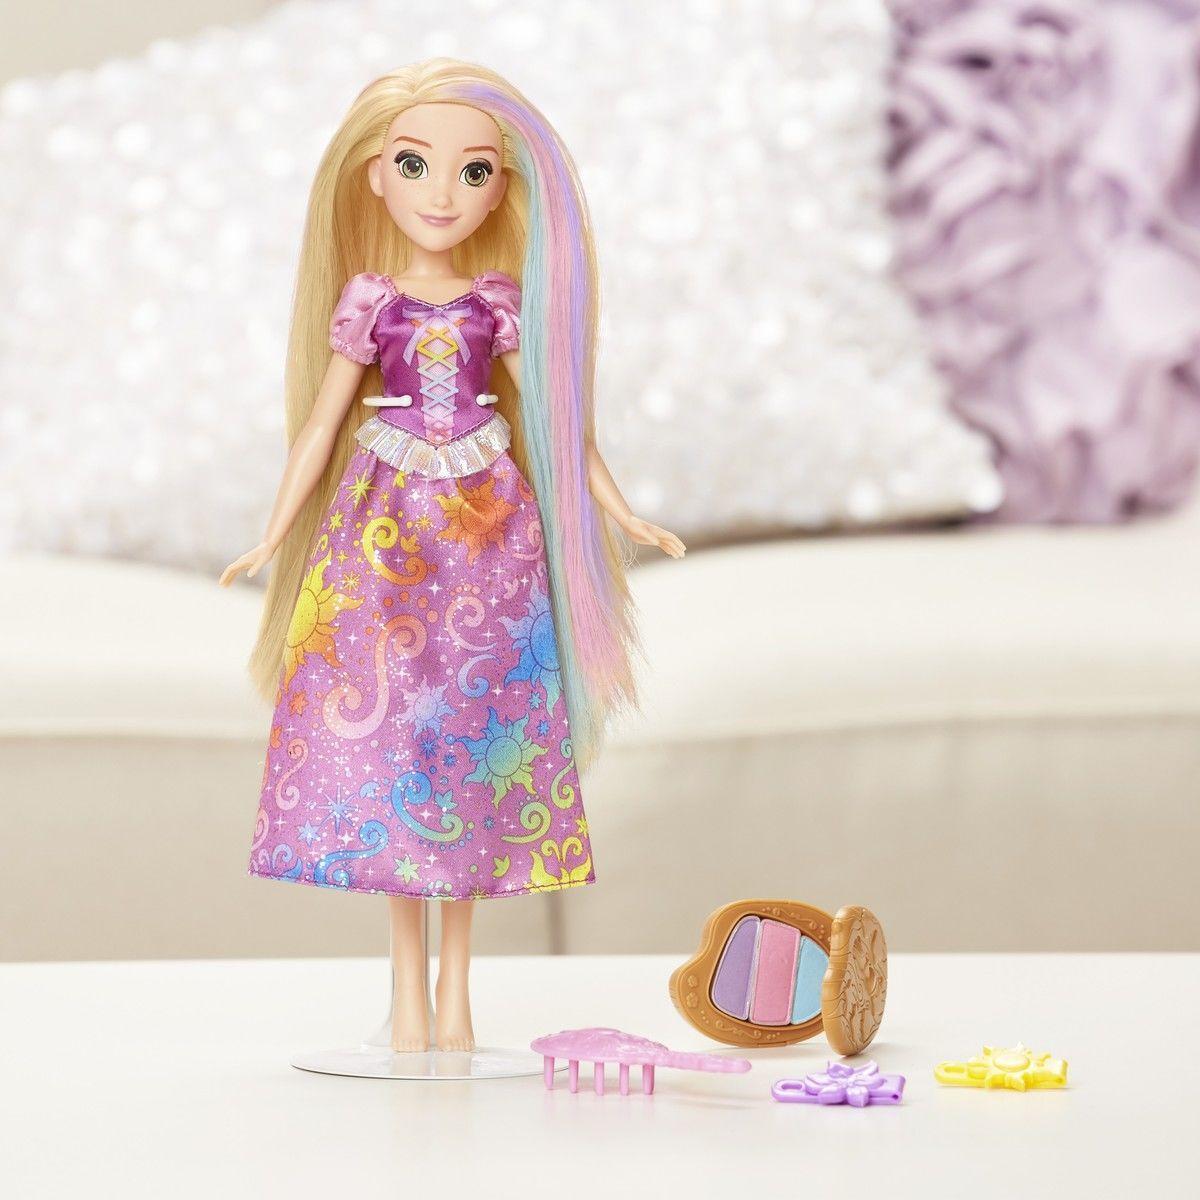 Кукла Рапунцель с Радужными волосами Disney - фото 3